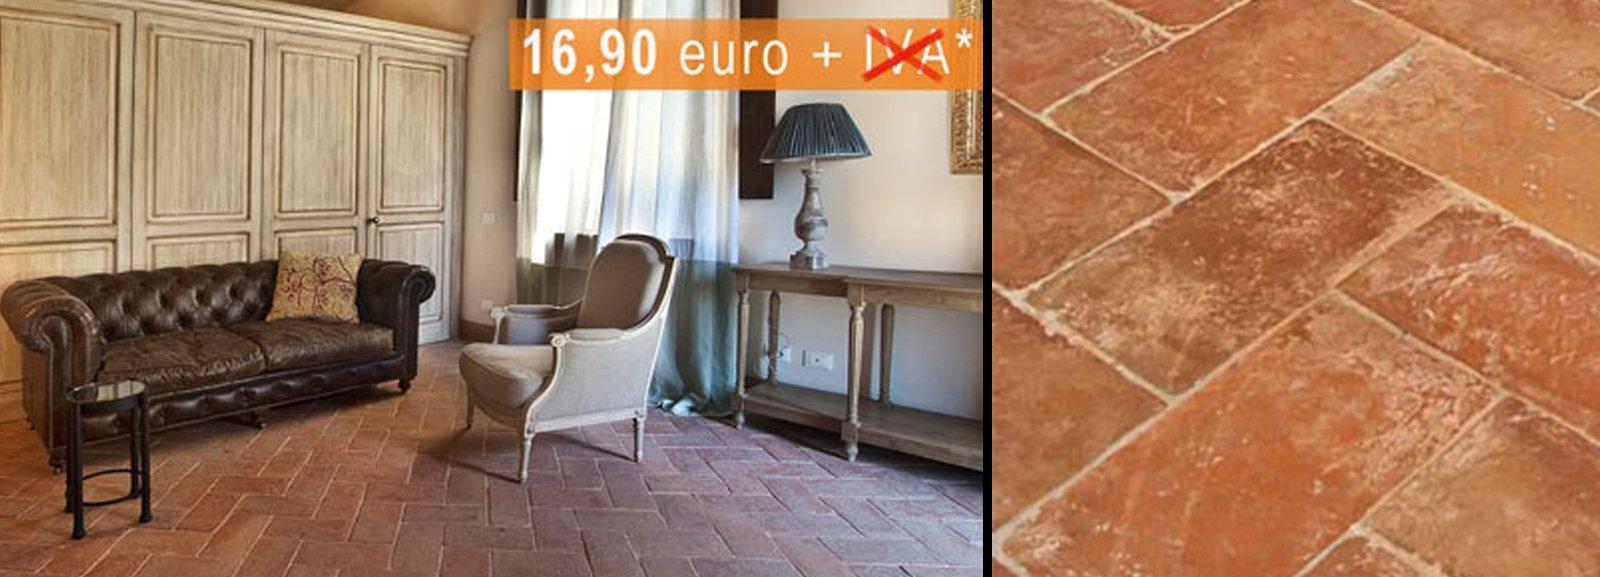 Cristiani pavimenti rivestimenti in cotto low cost cose di casa - Oggettistica casa low cost ...